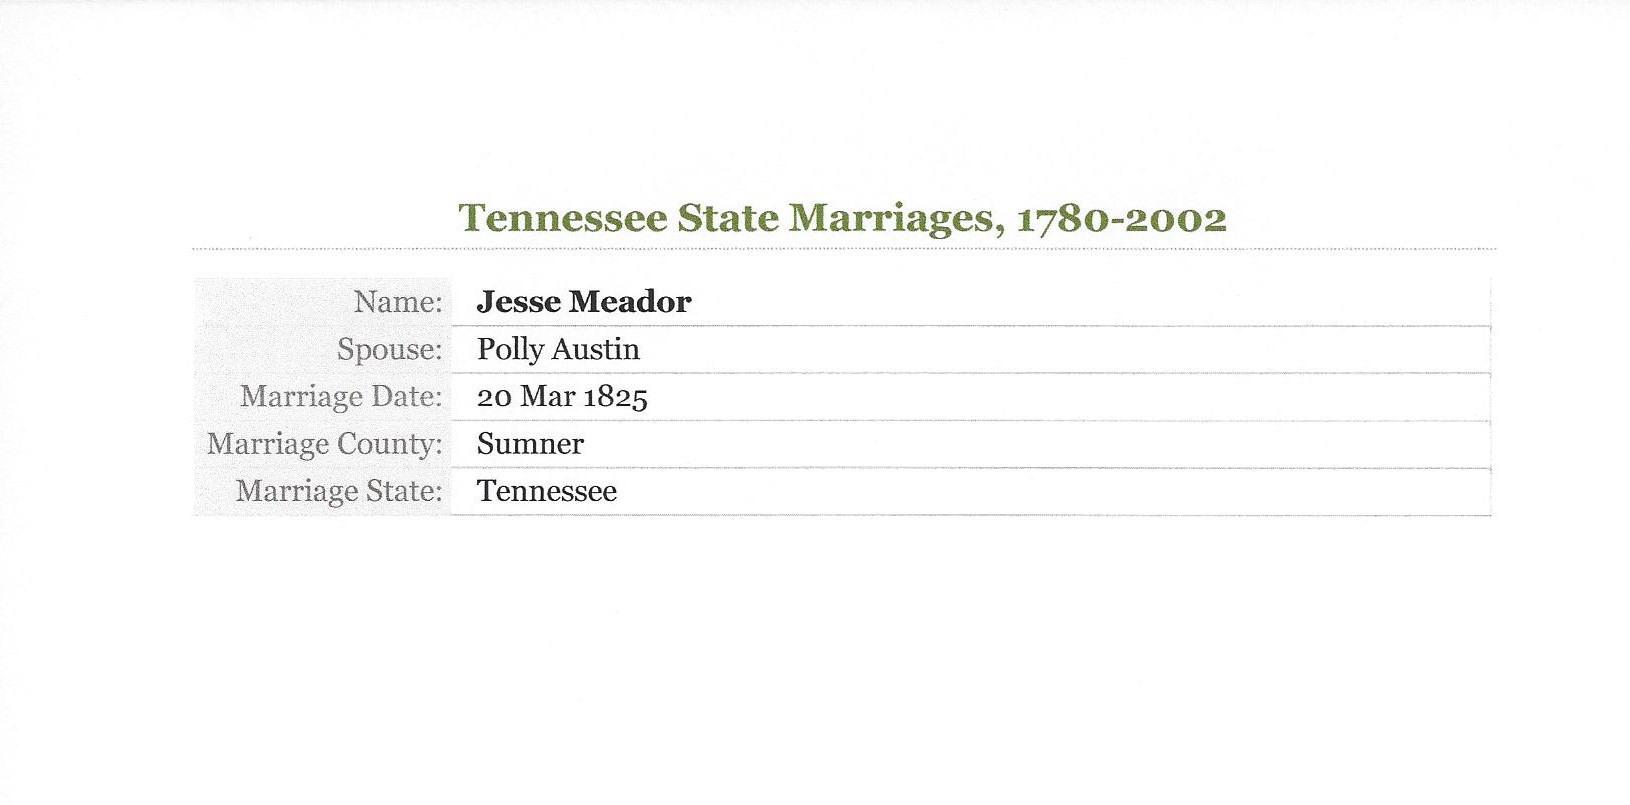 Jesse Meador